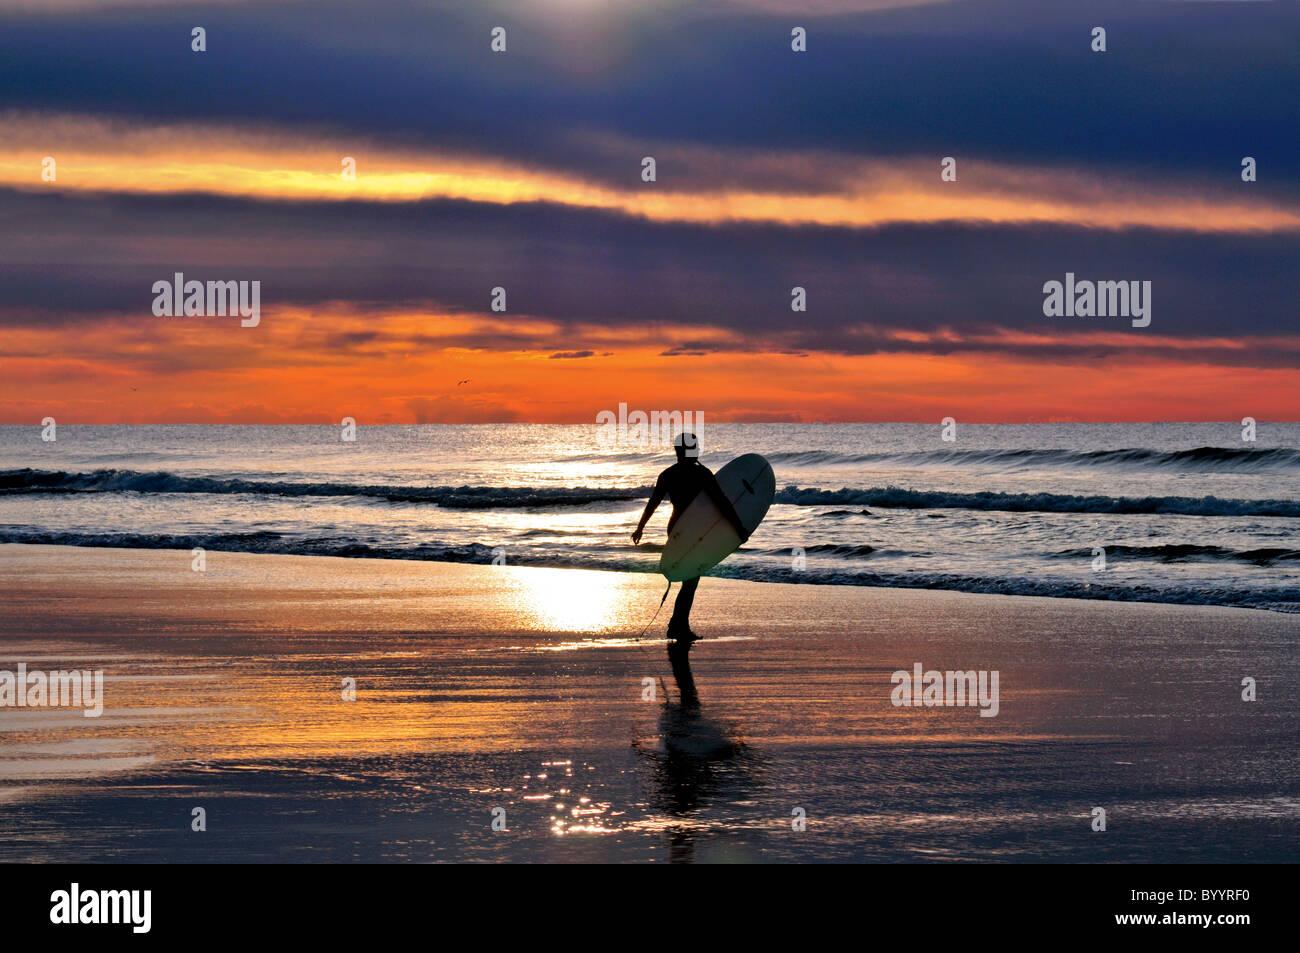 Portugal, Algarve: Surfer am Strand Praia do Amado Stockbild